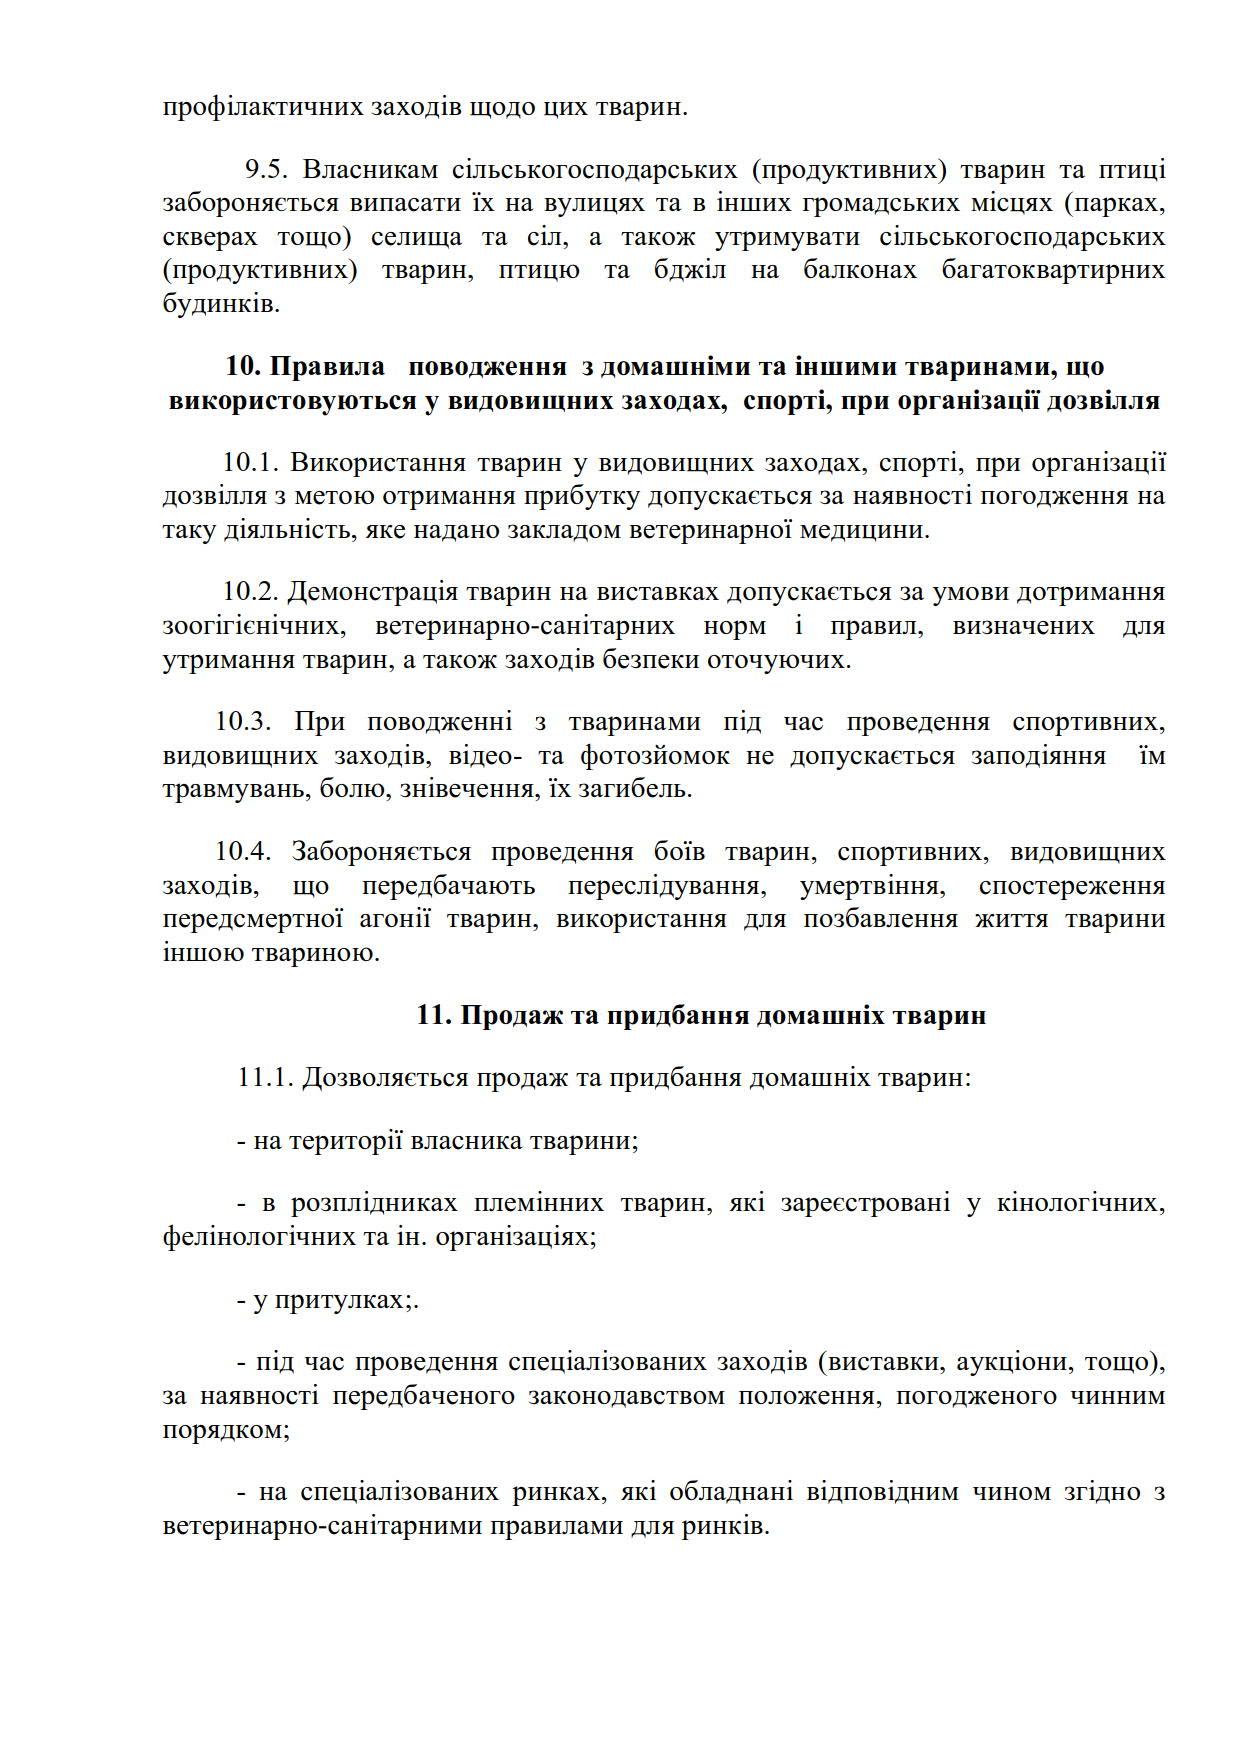 Правила утримання домашніх тварин коломак нов_13